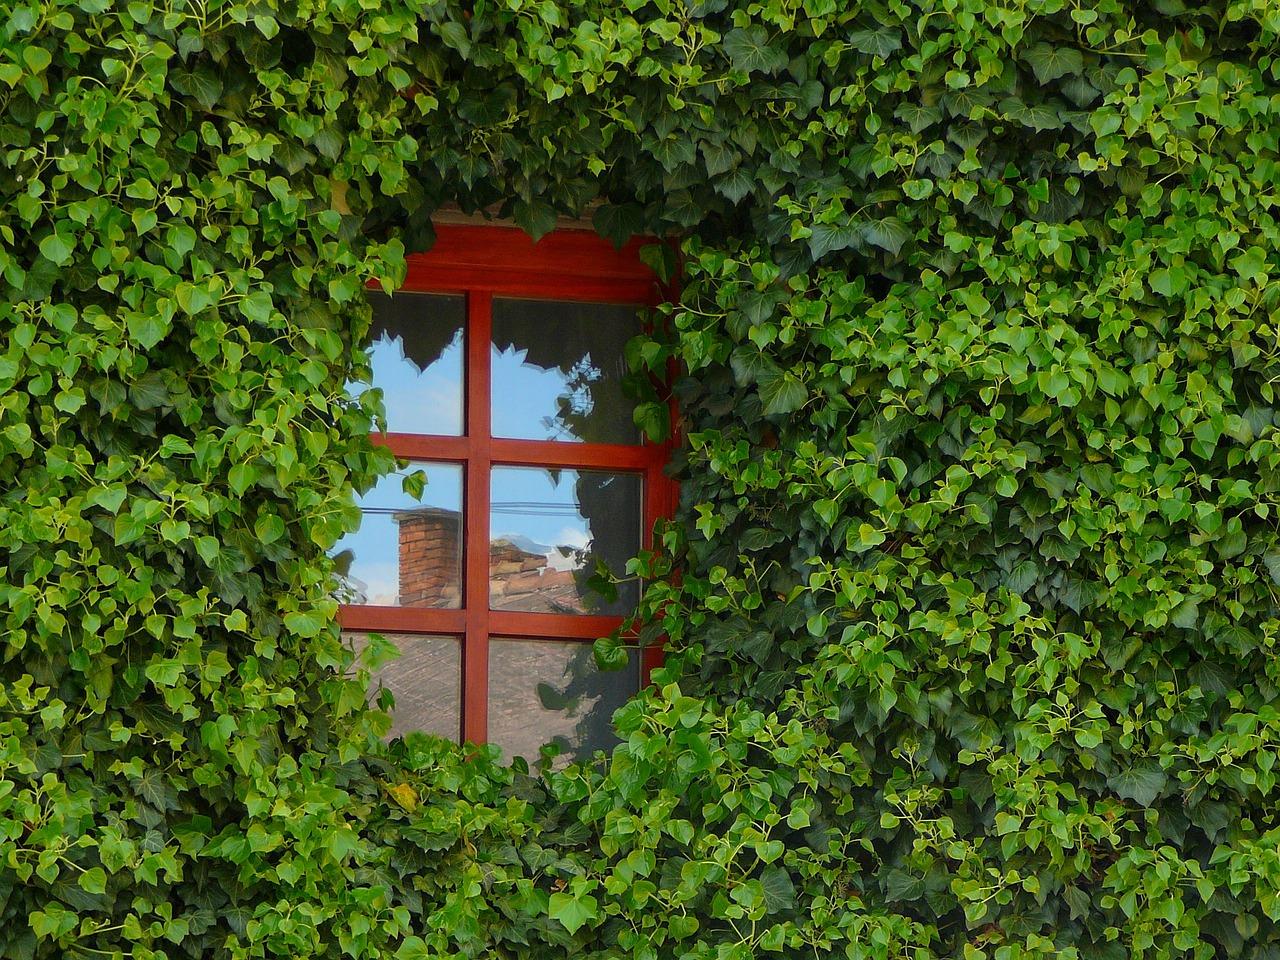 Des fenêtres en bois ou en alu : quelle préférence ?